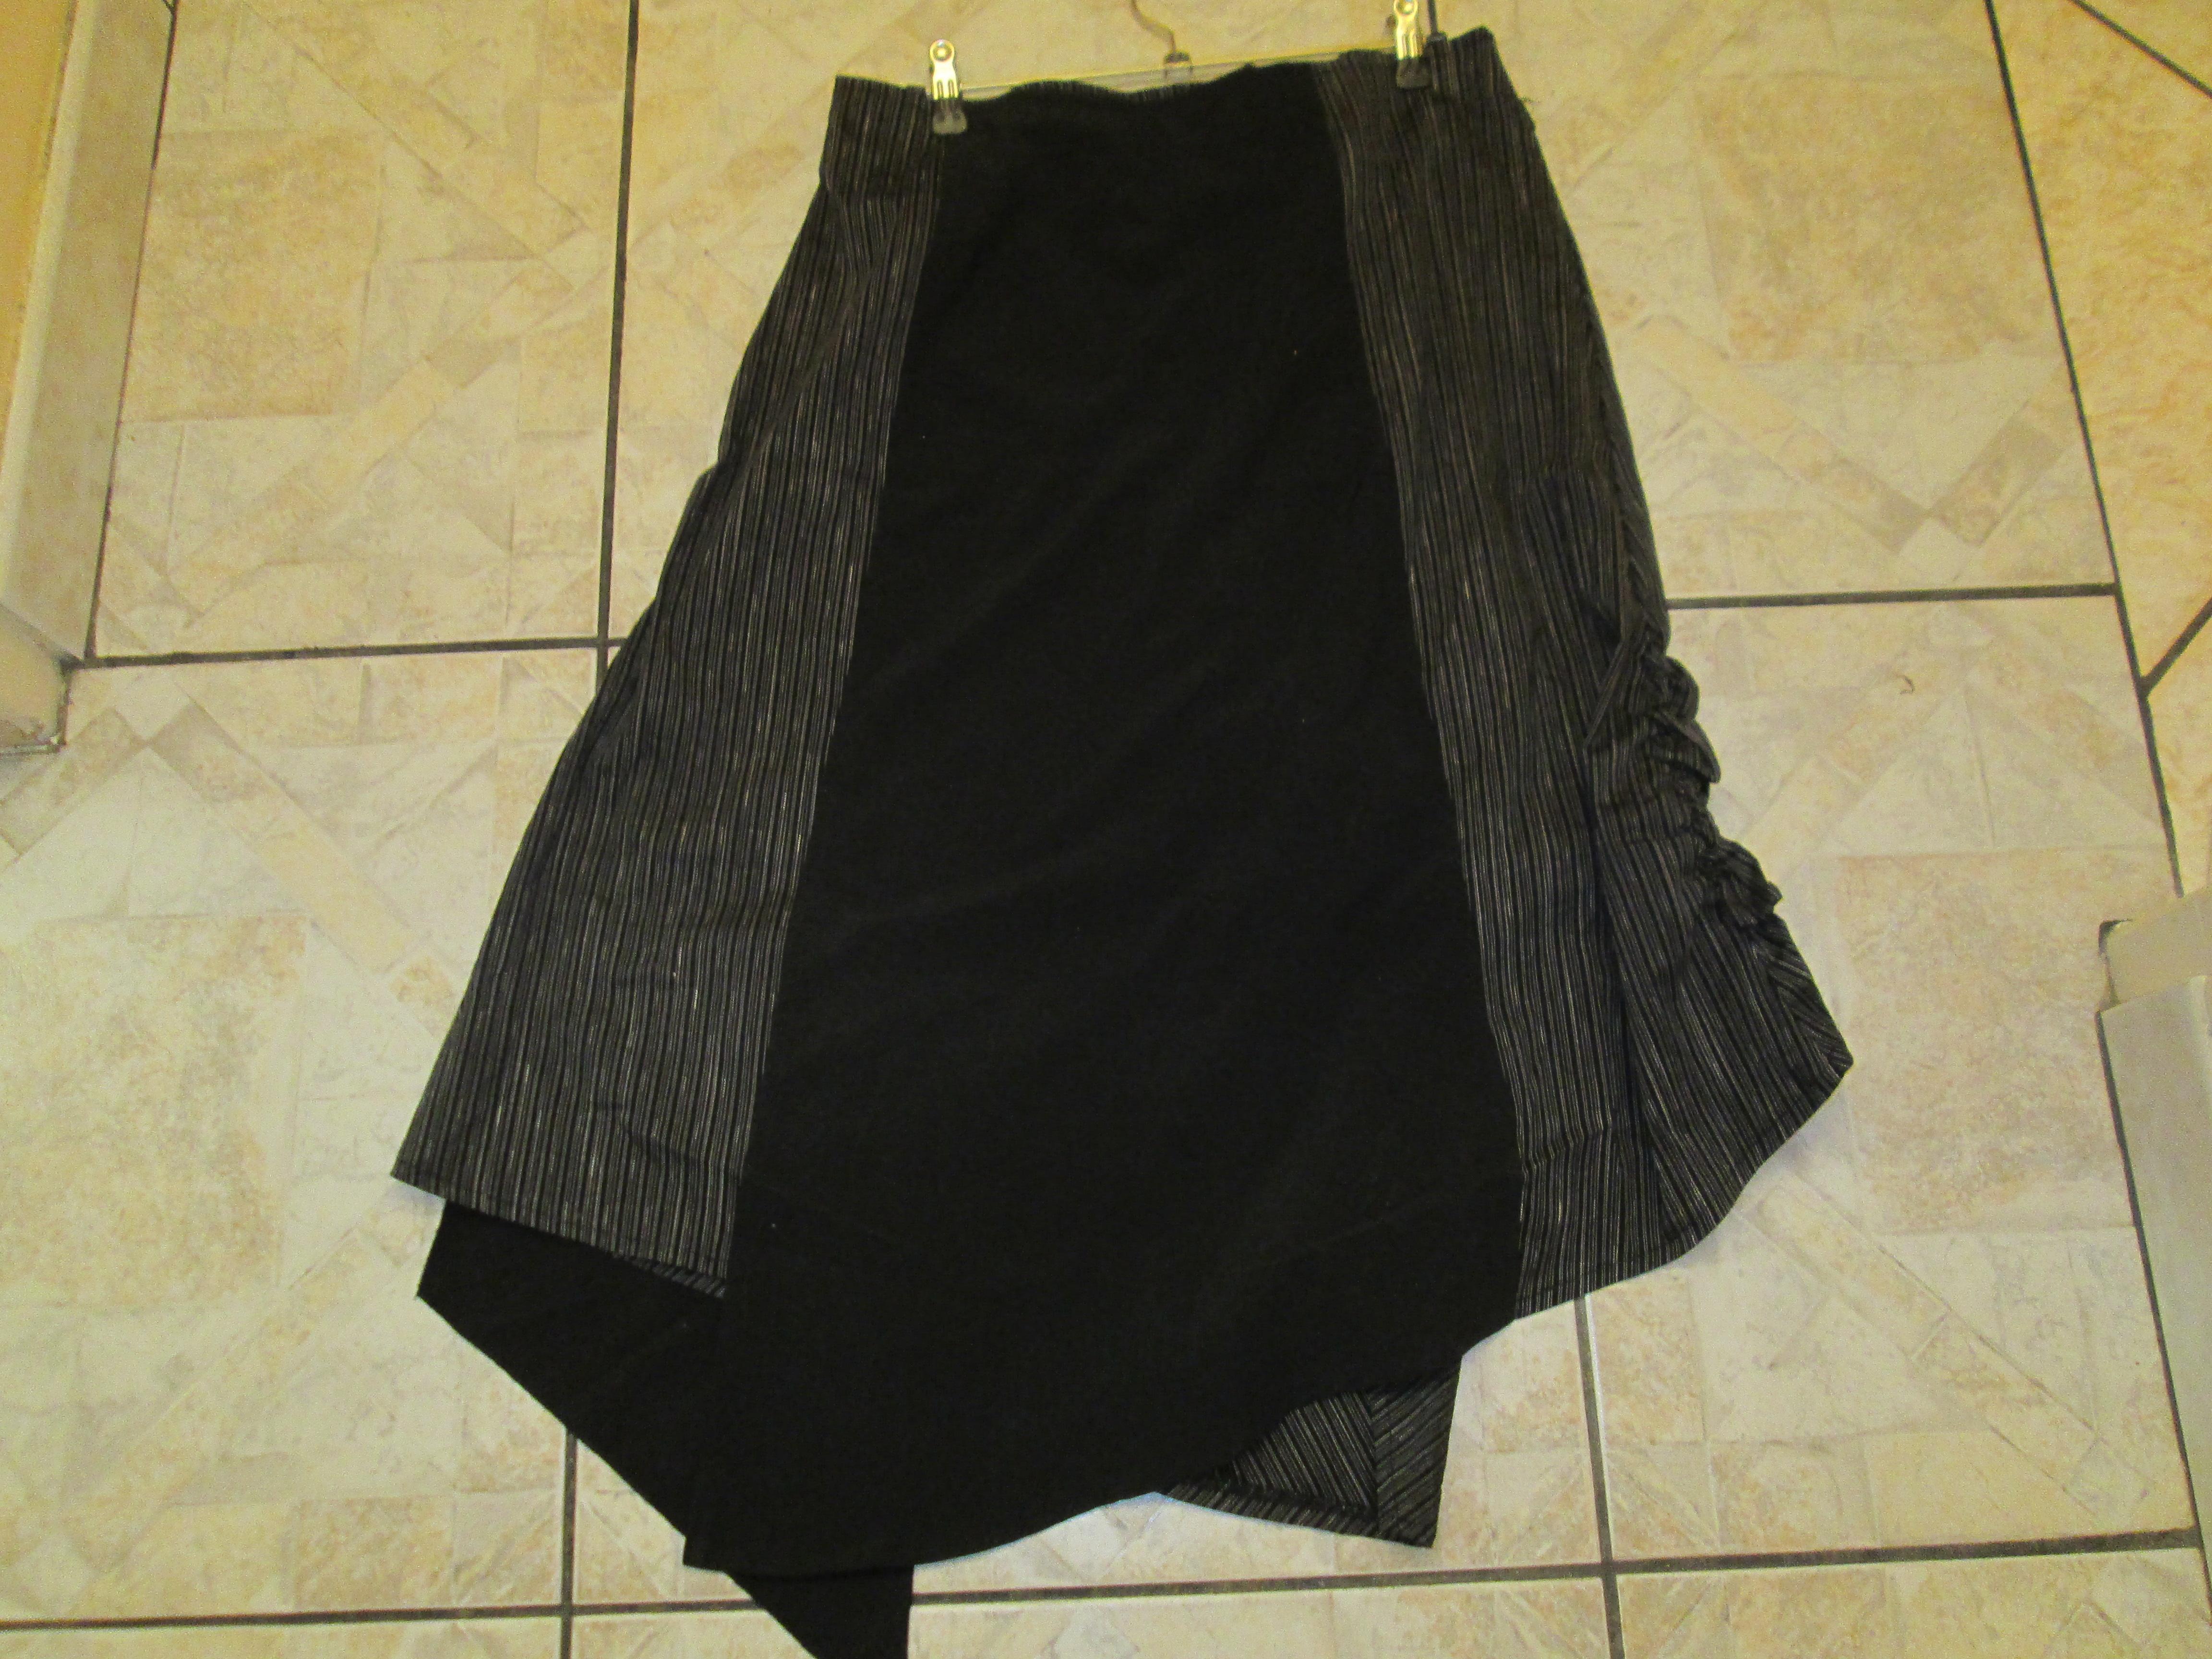 troc de troc jupe noir    neuve asymétrique  taille 44 15 noisettes image 1